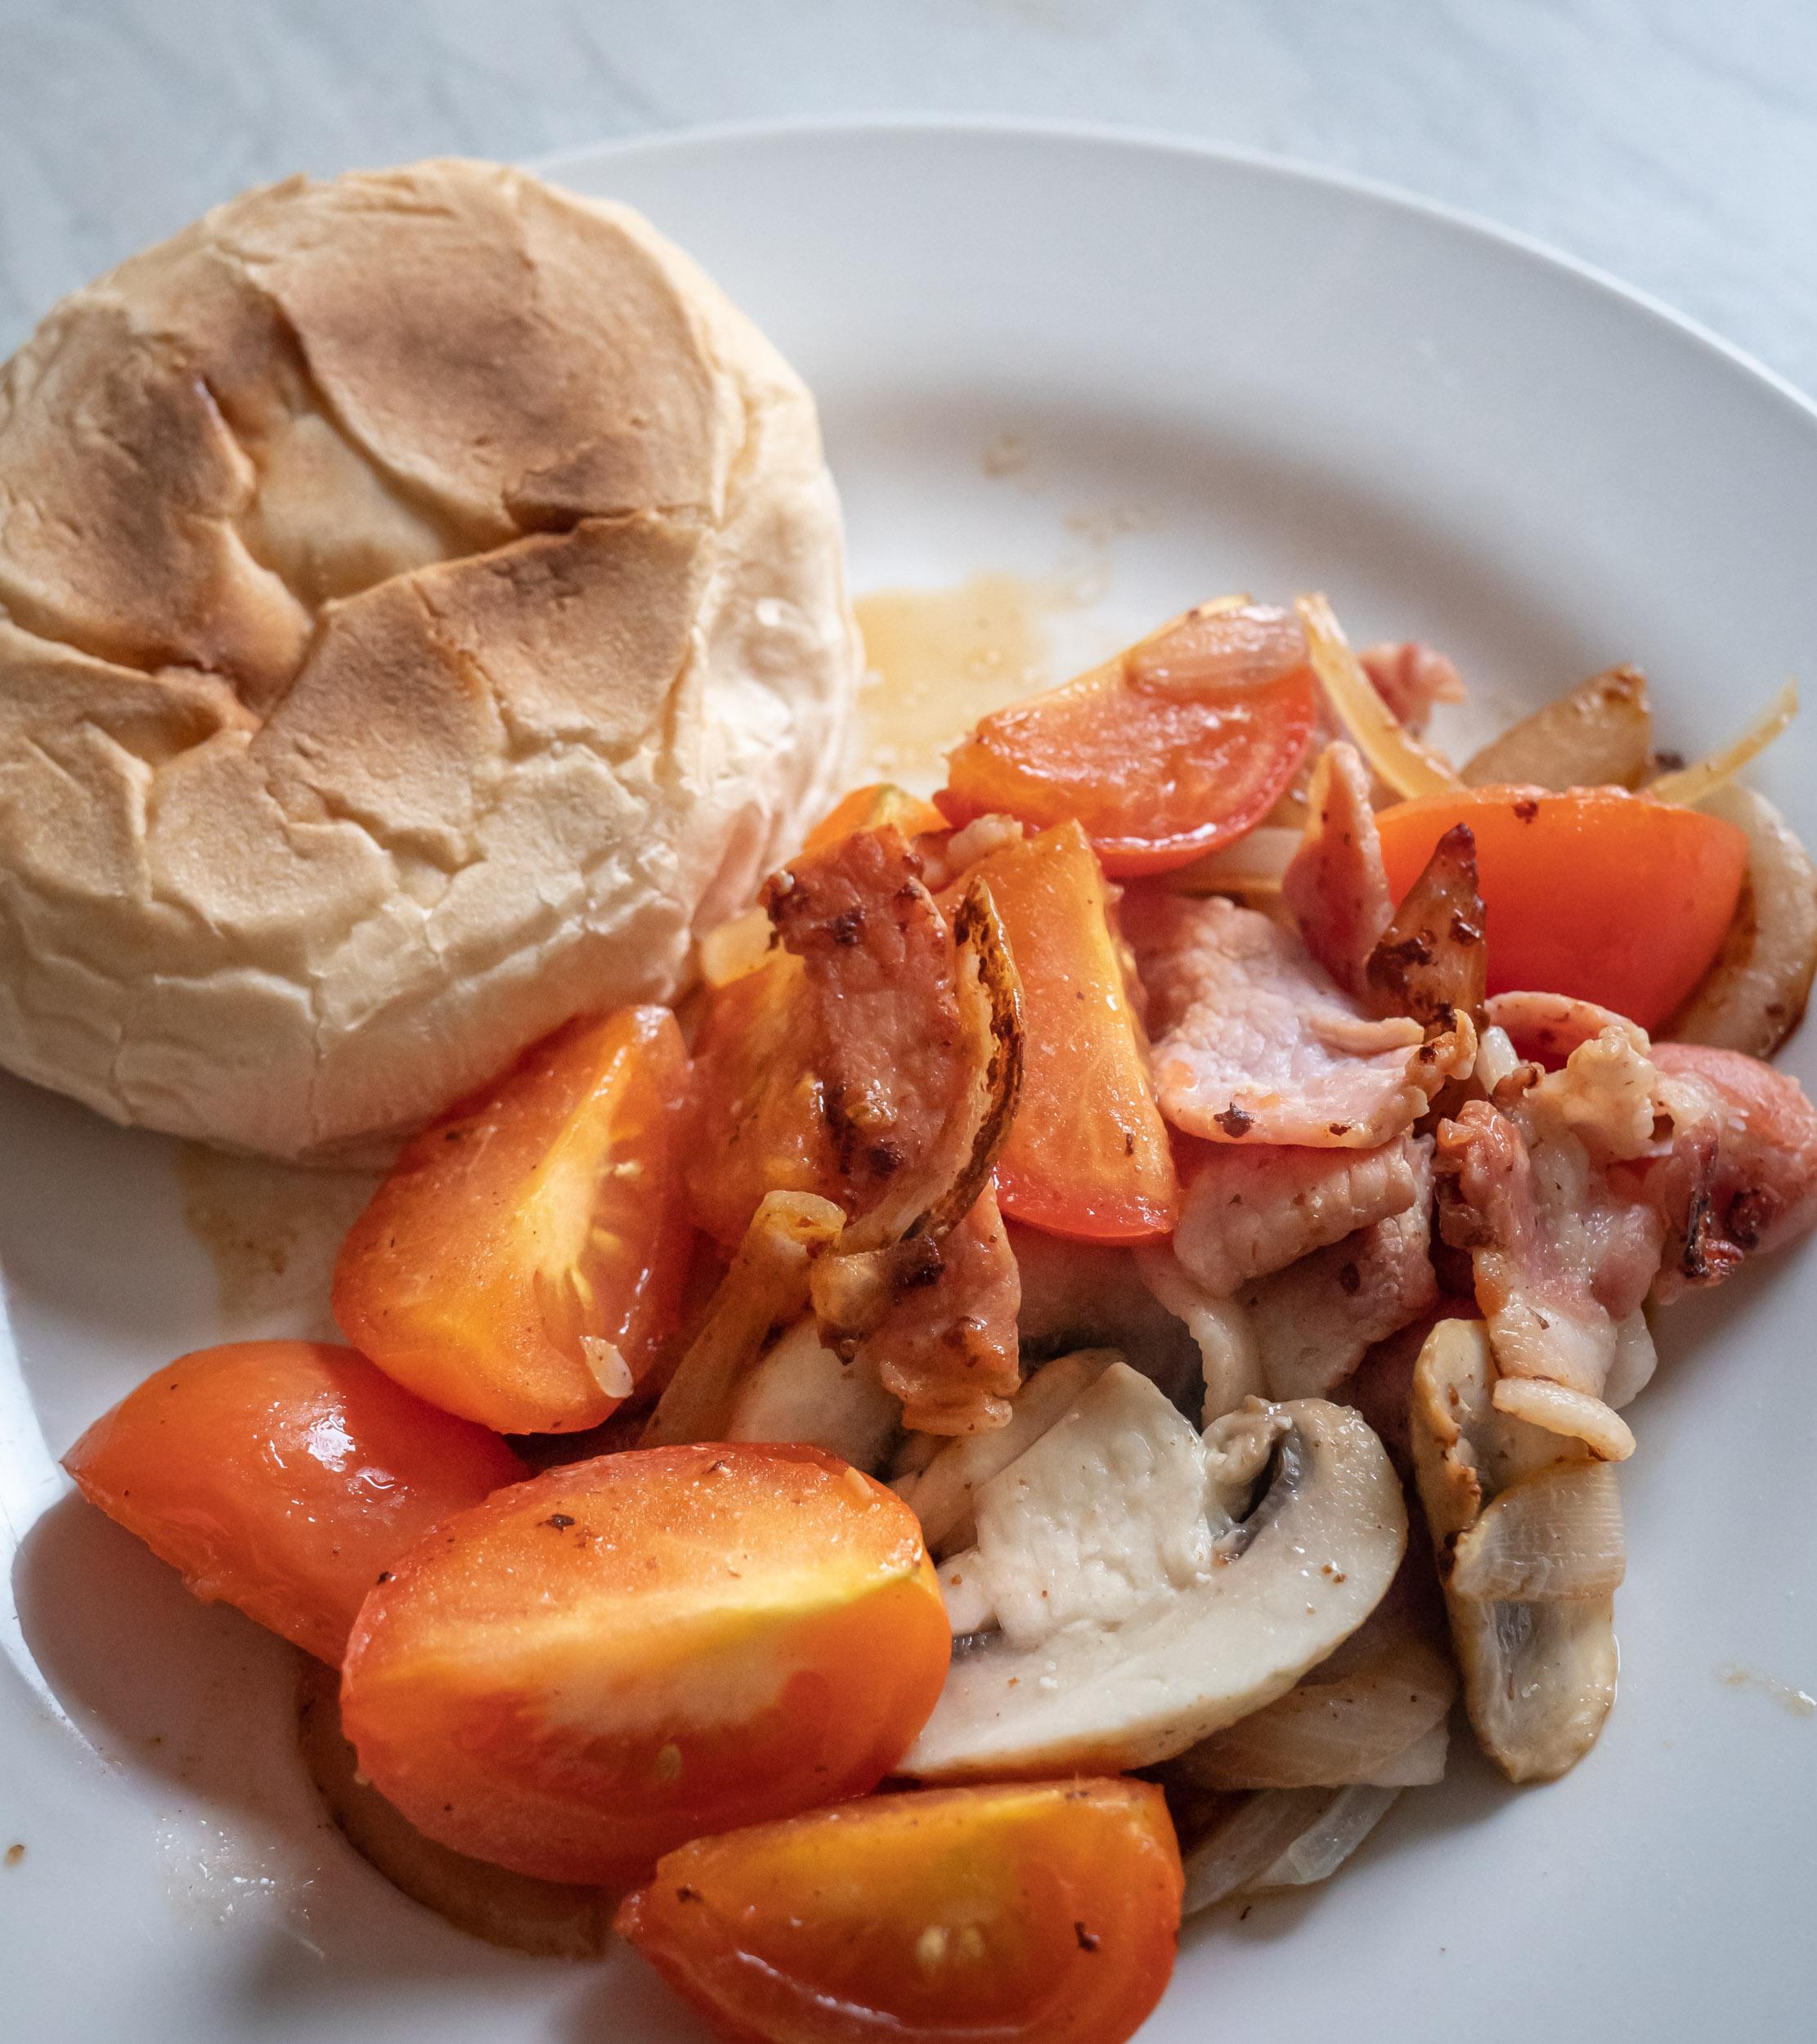 トマト、ソーセージ、ベーコン、マッシュルーム、玉ねぎをオリーブオイルで炒め、塩で味付けしたシンプルな一品とマフィン DMC-GX8 + LEICA DG 12-60mm